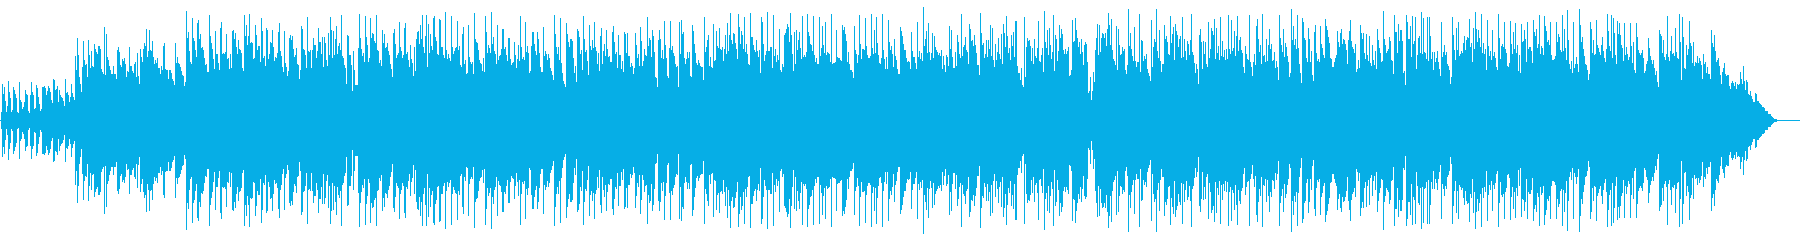 ゆっくりしたカントリー調のギターの曲の再生済みの波形